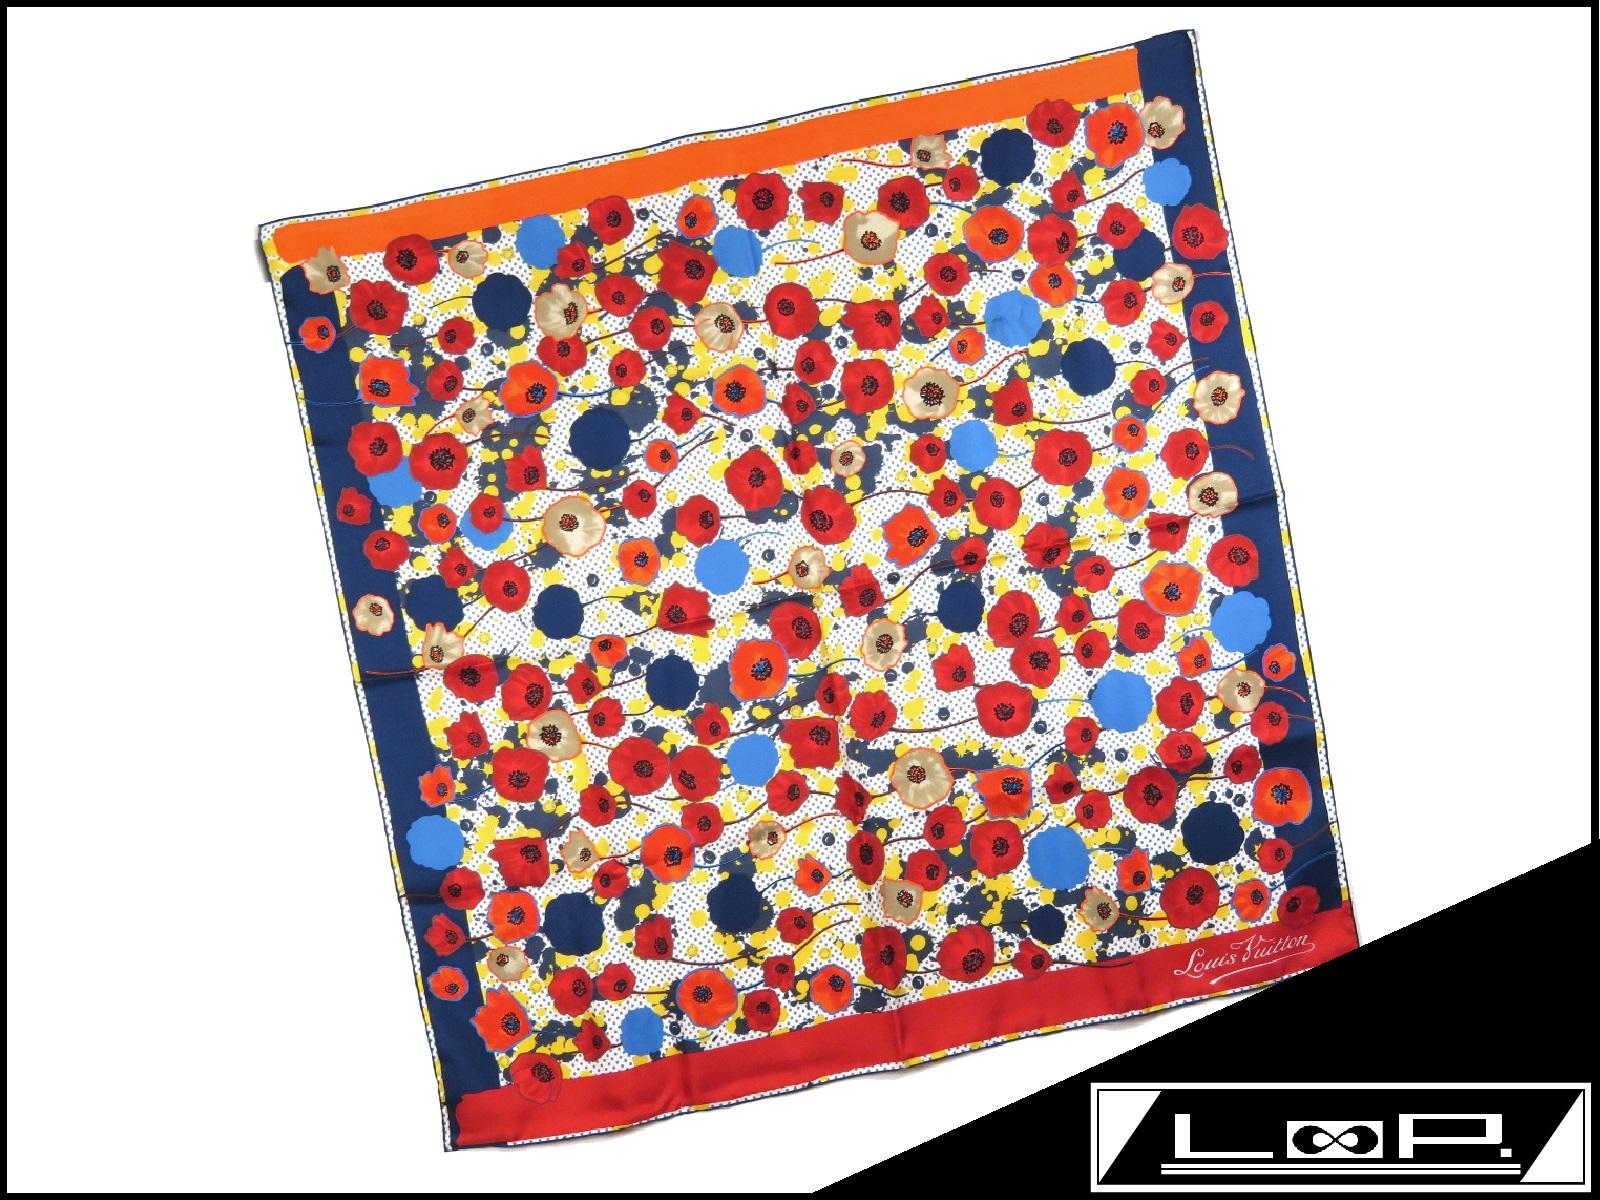 【新同】 LOUIS VUITTON ルイ・ヴィトン スカーフ フラワー 花柄 ドット ブルー レッド イエロー 青 赤 黄色 シルク M75222 【A19067】 【中古】